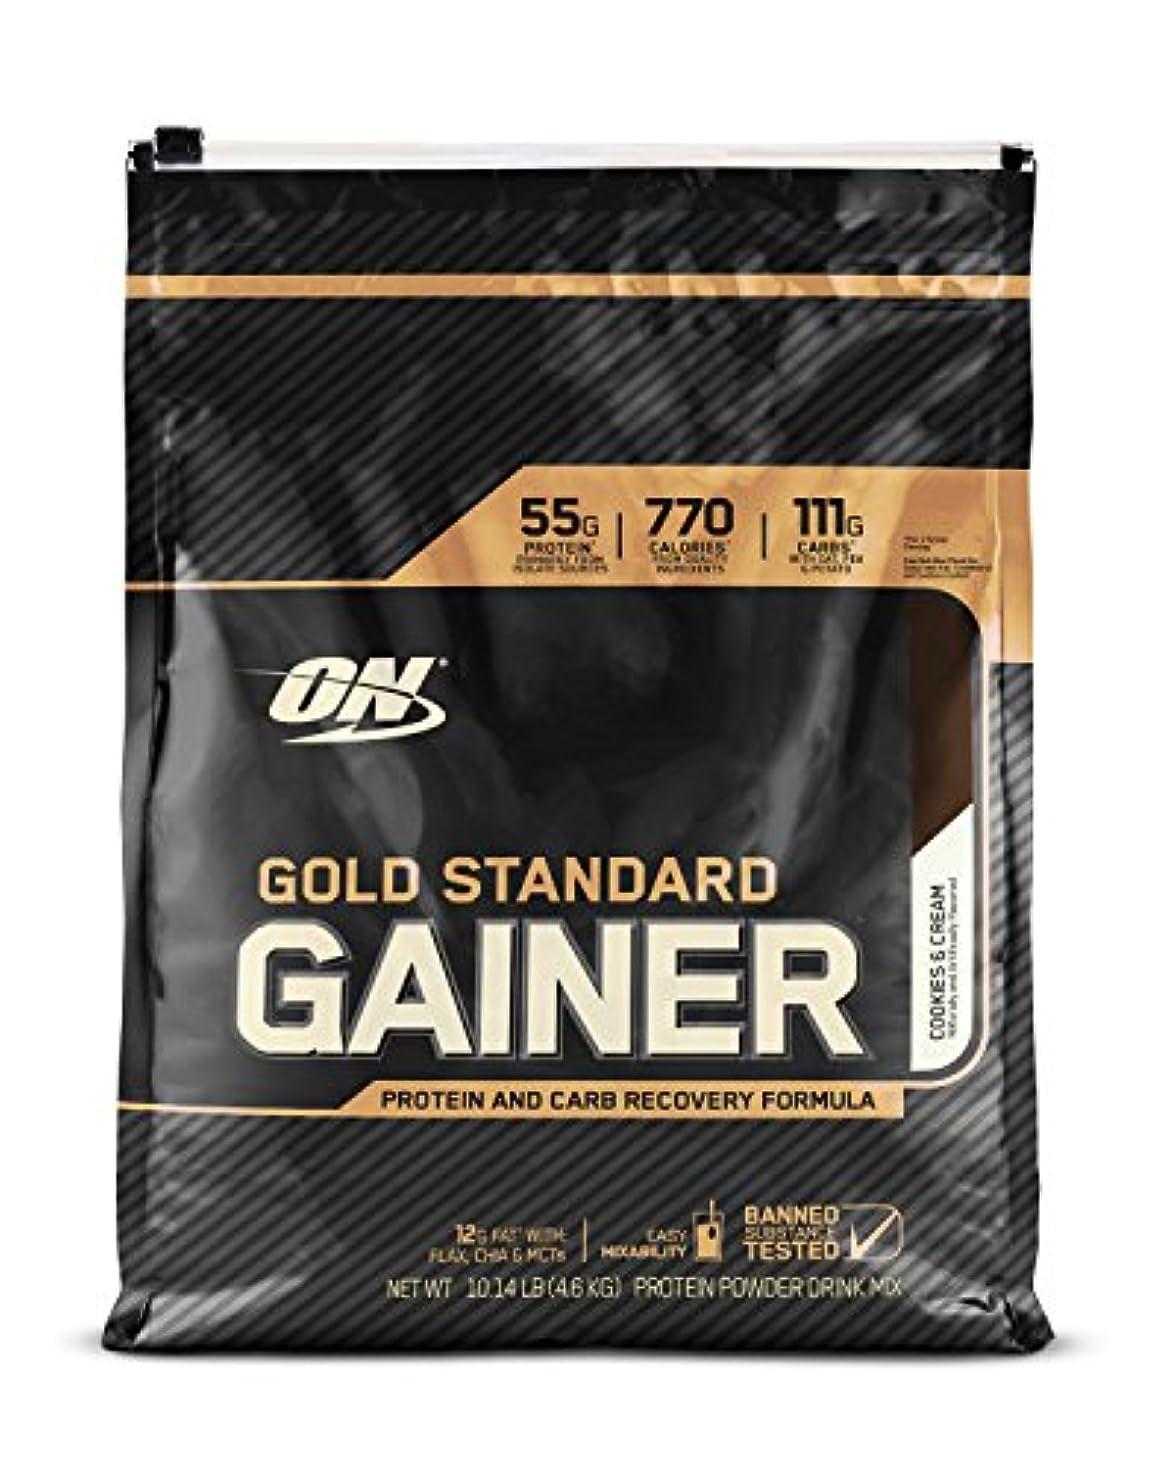 呼び起こす解放するポケットゴールドスタンダード ゲイナー 10LB クッキークリーム (Gold Standard Gainer 10LB Cookies & Cream) [海外直送品] [並行輸入品]